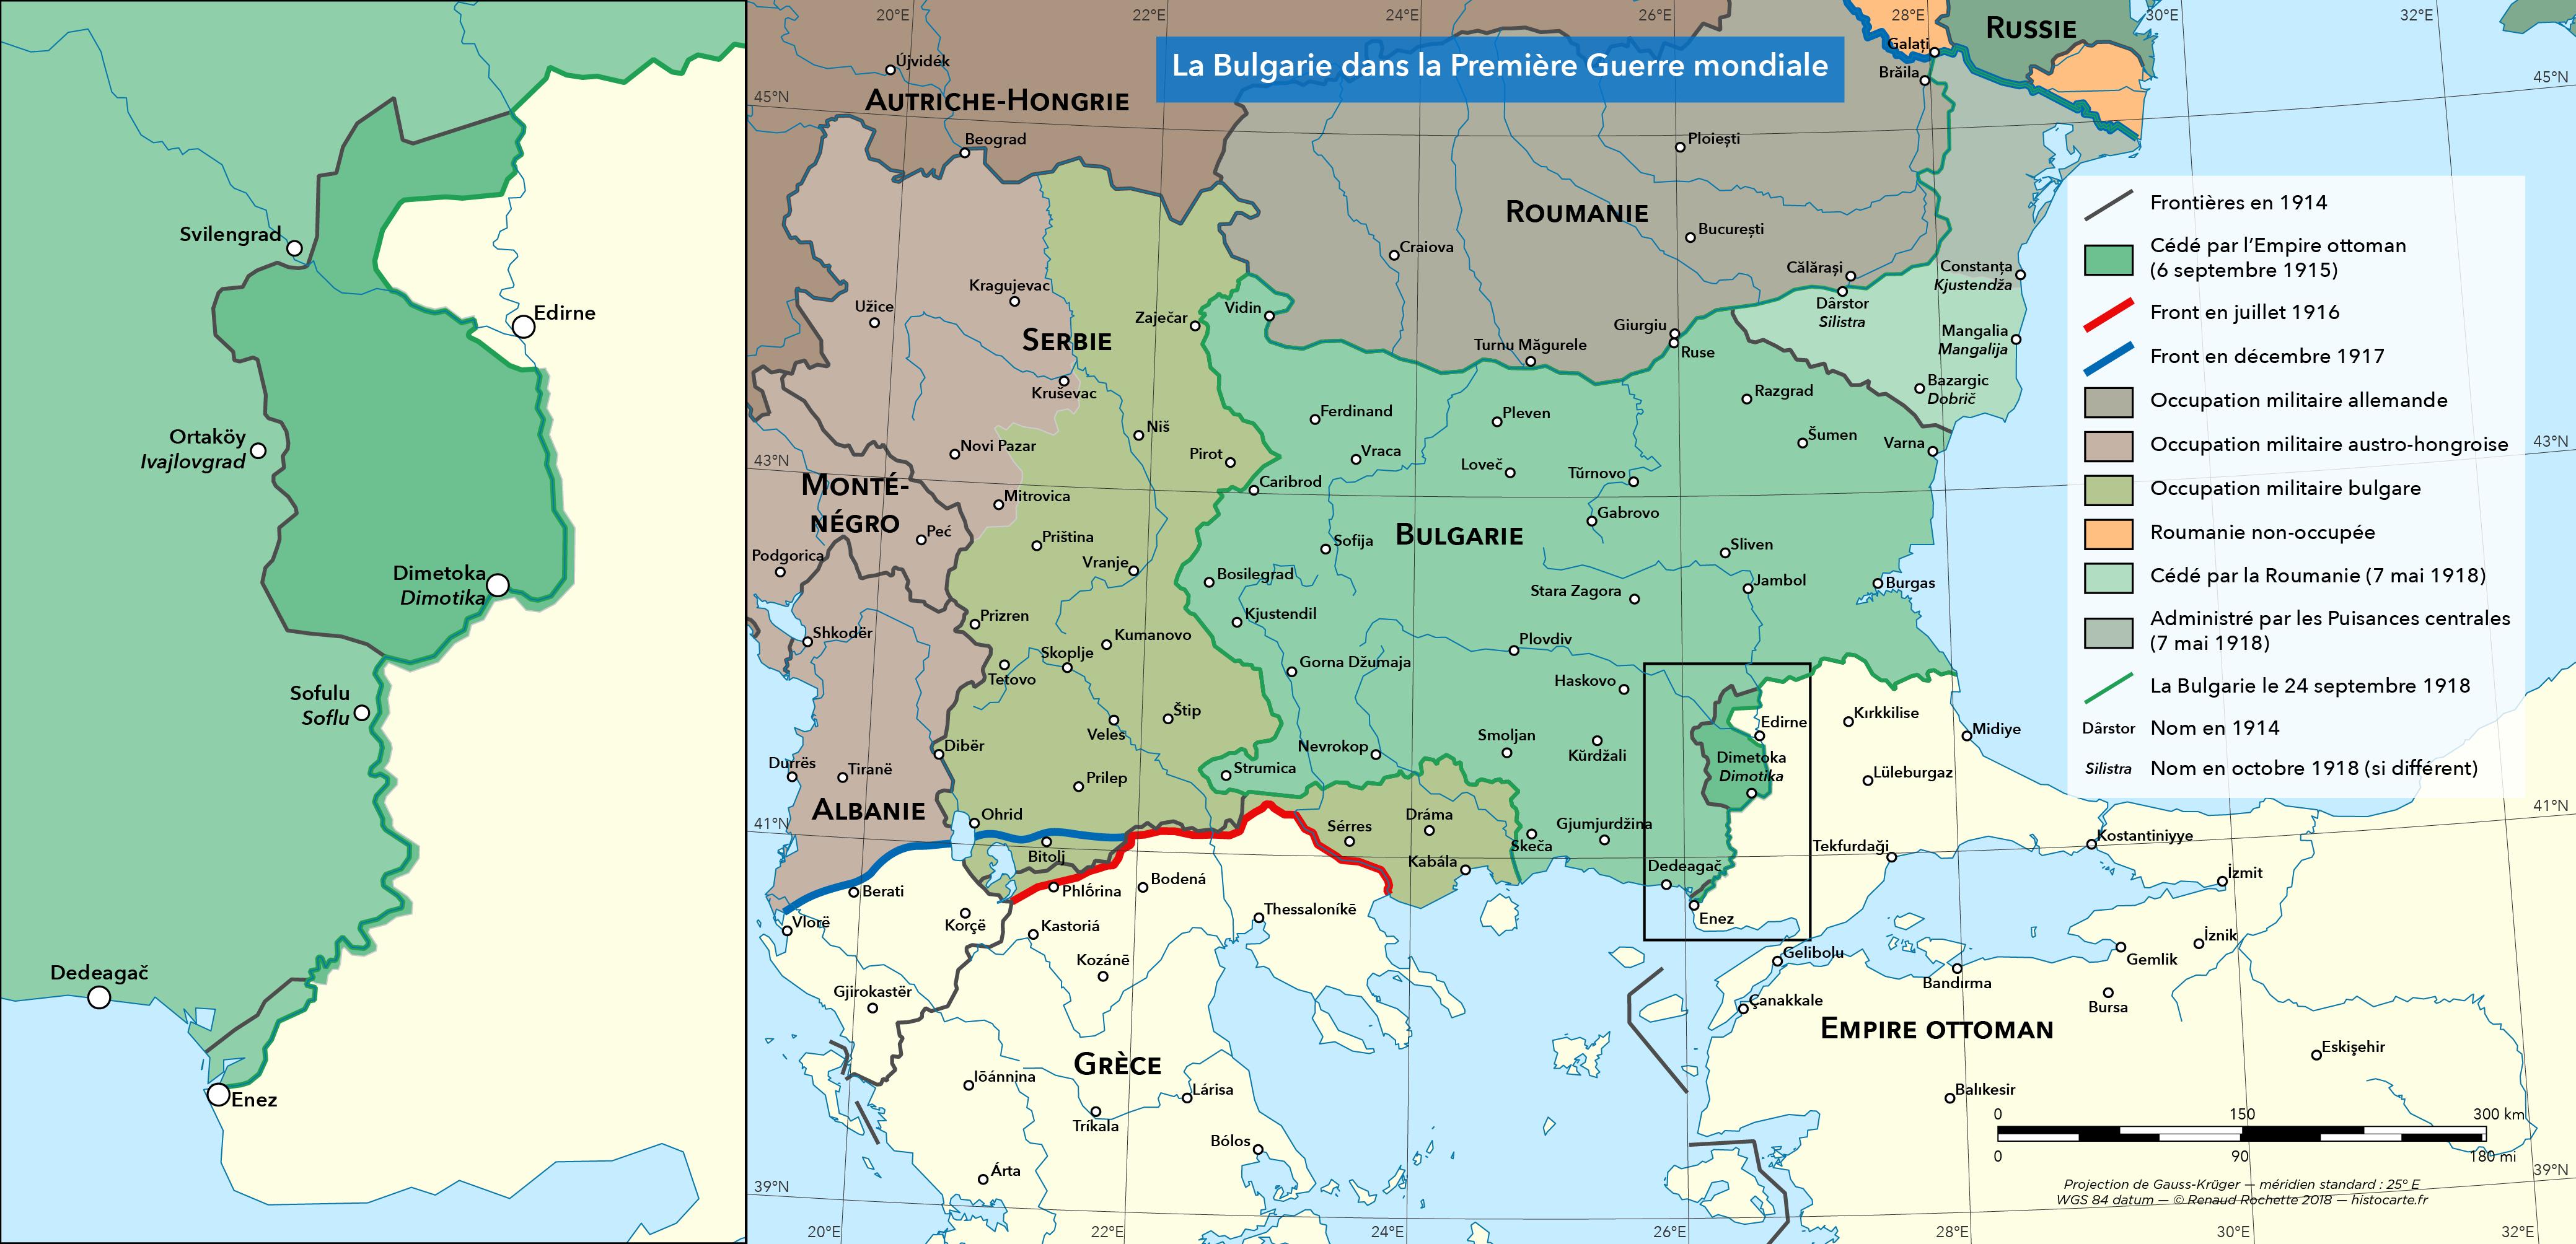 La Bulgarie pendant la Première Guerre mondiale